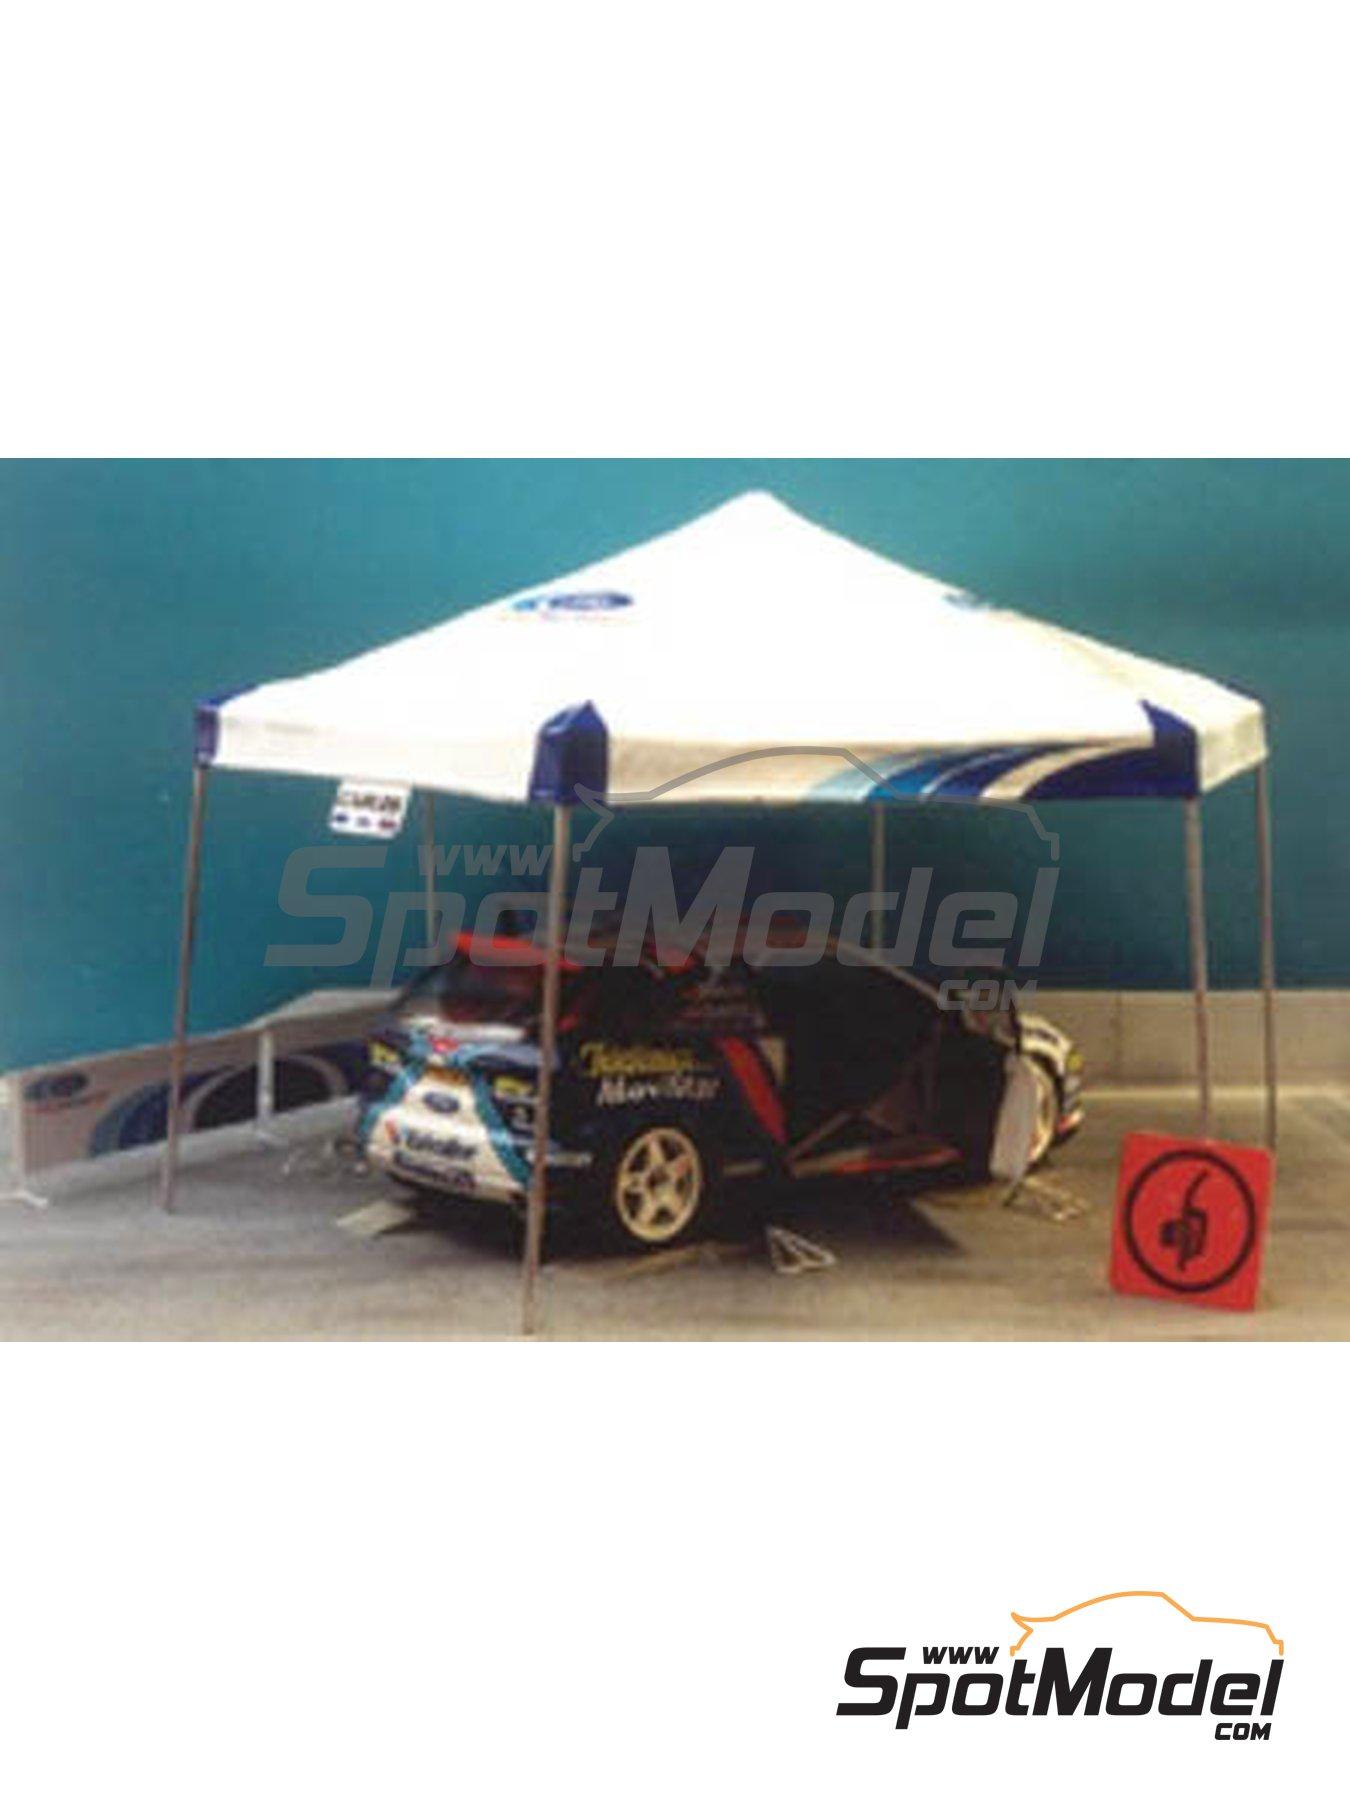 Carpa de asistencia de Peugeot | Carpa en escala1/24 fabricado por Renaissance Models (ref.24TA03) image